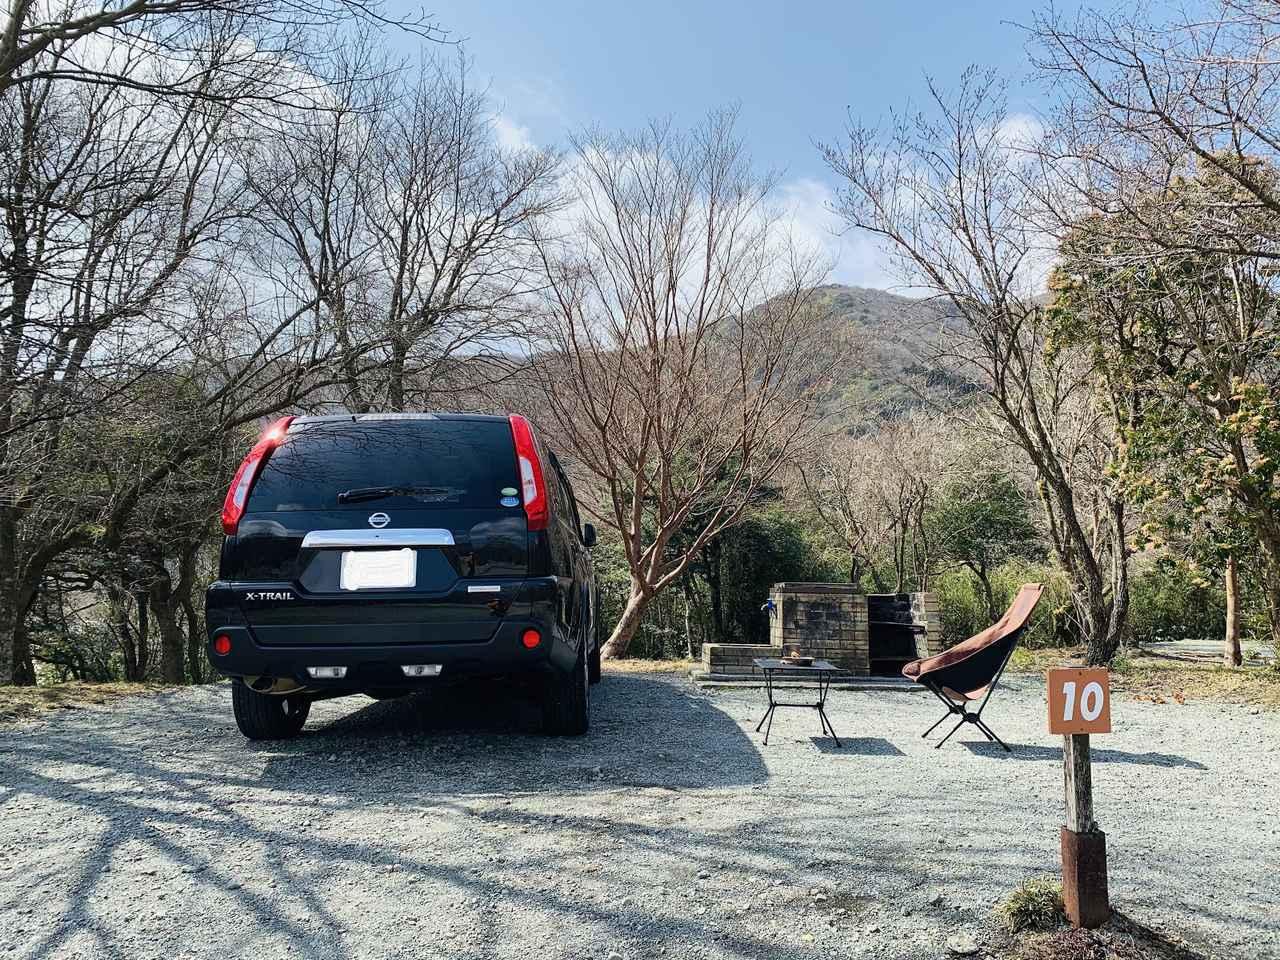 画像: 【初心者必見】車中泊を快適にするアイデアが満載! 筆者おすすめのスマホアプリ7選 - ハピキャン|キャンプ・アウトドア情報メディア